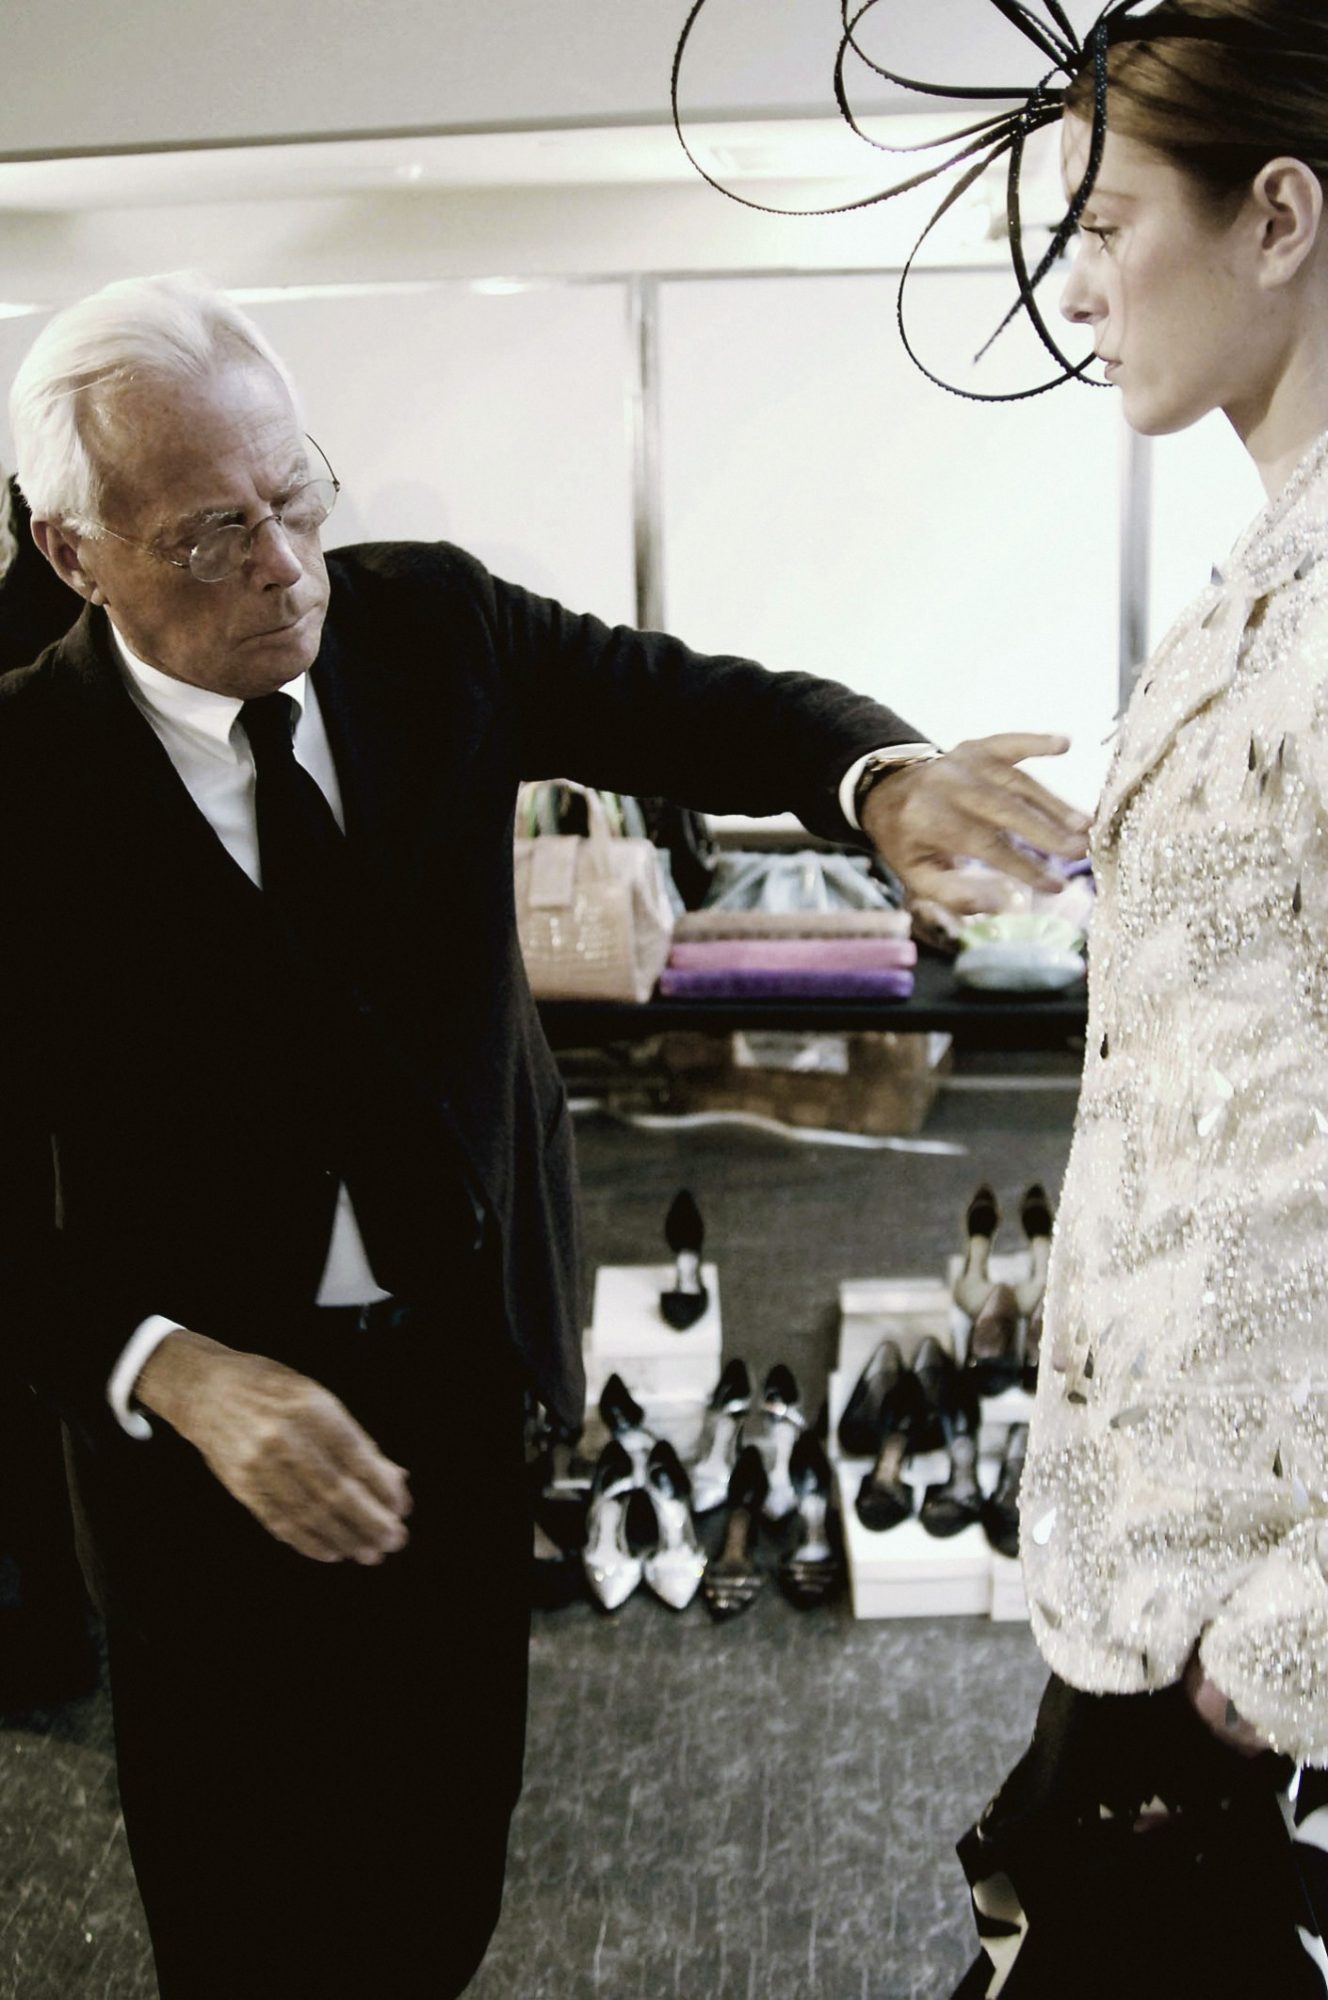 Giorgio Armani at work – credit Giorgio Armani Archive (6)